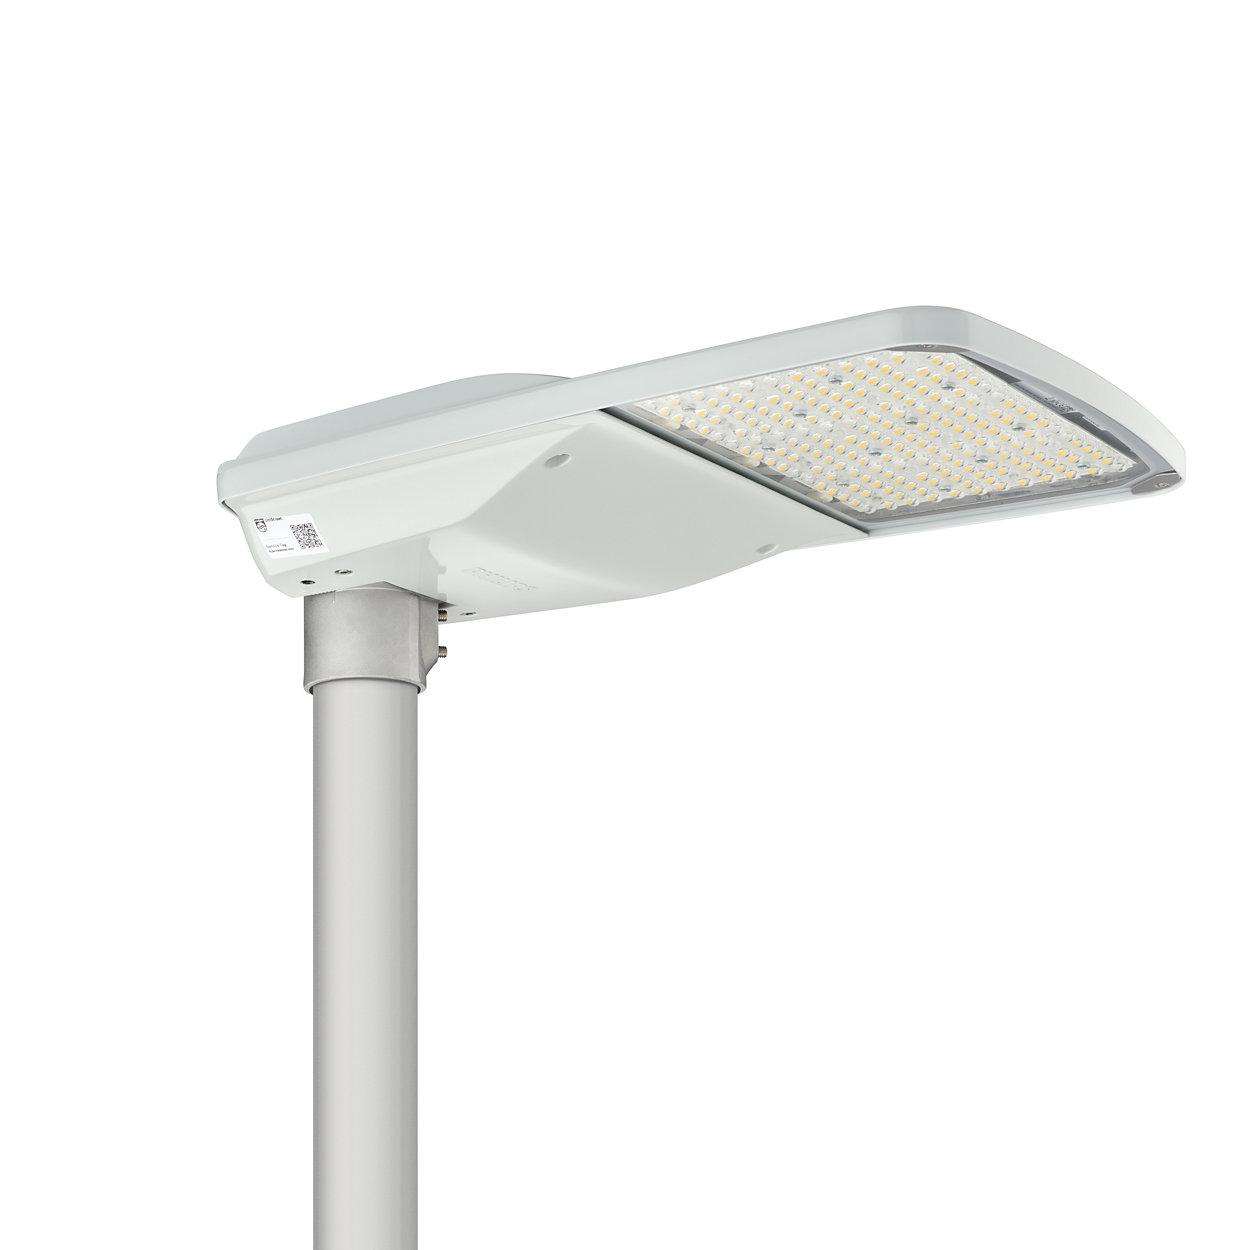 UniStreet – unkomplizierte und kosteneffiziente Lösung für die Straßenbeleuchtung